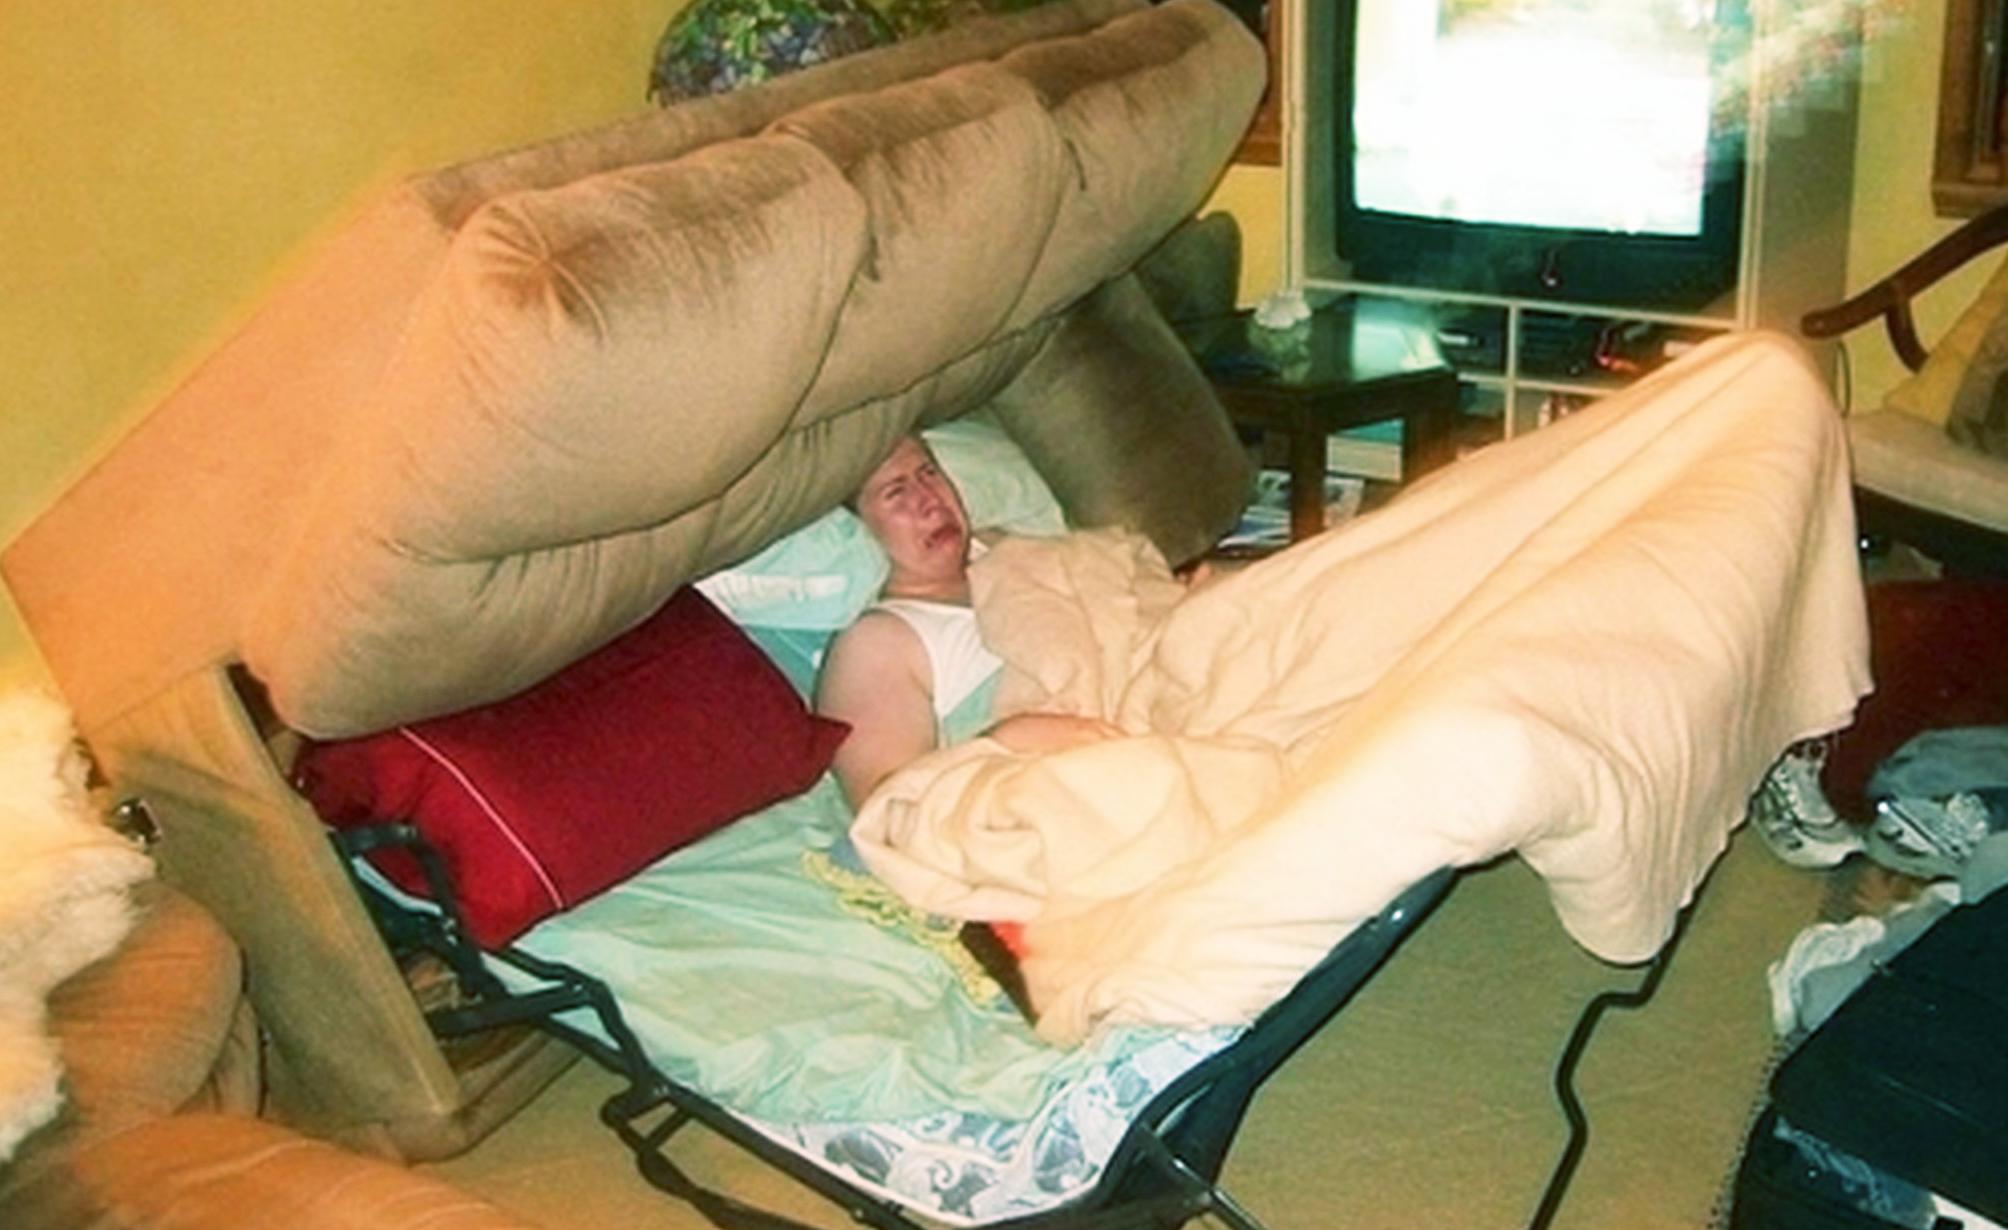 допустимая нагрузка на спальное место превышена